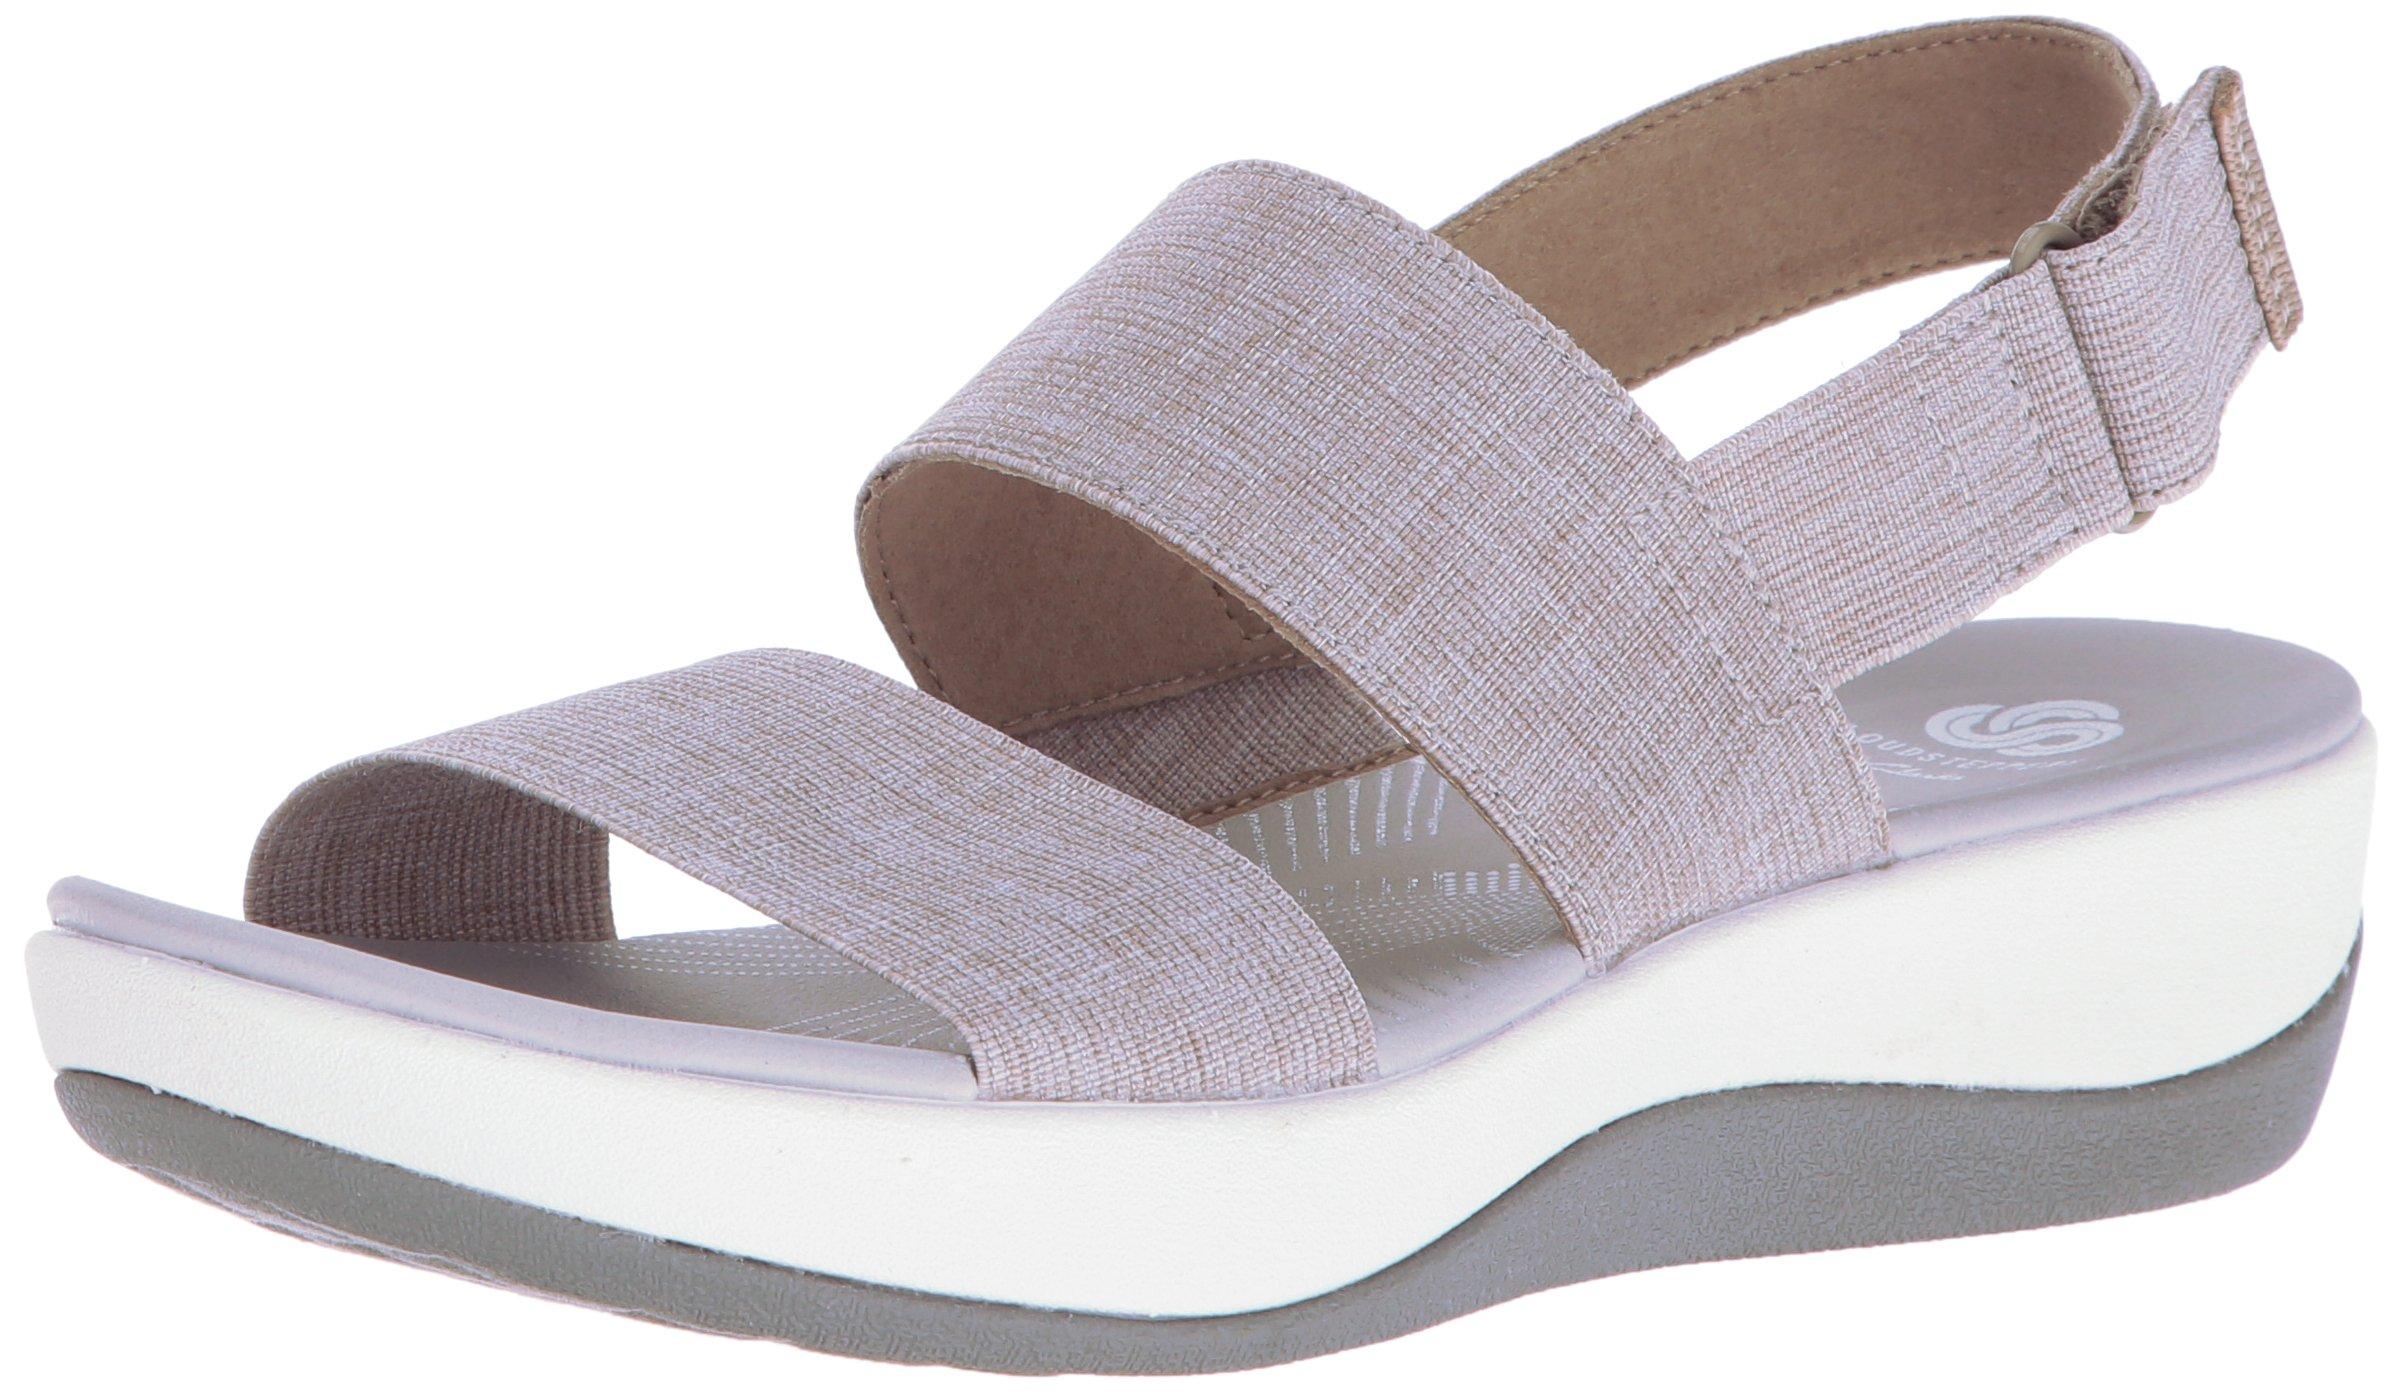 CLARKS Women's Arla Jacory Wedge Sandal, Sand, 8 M US